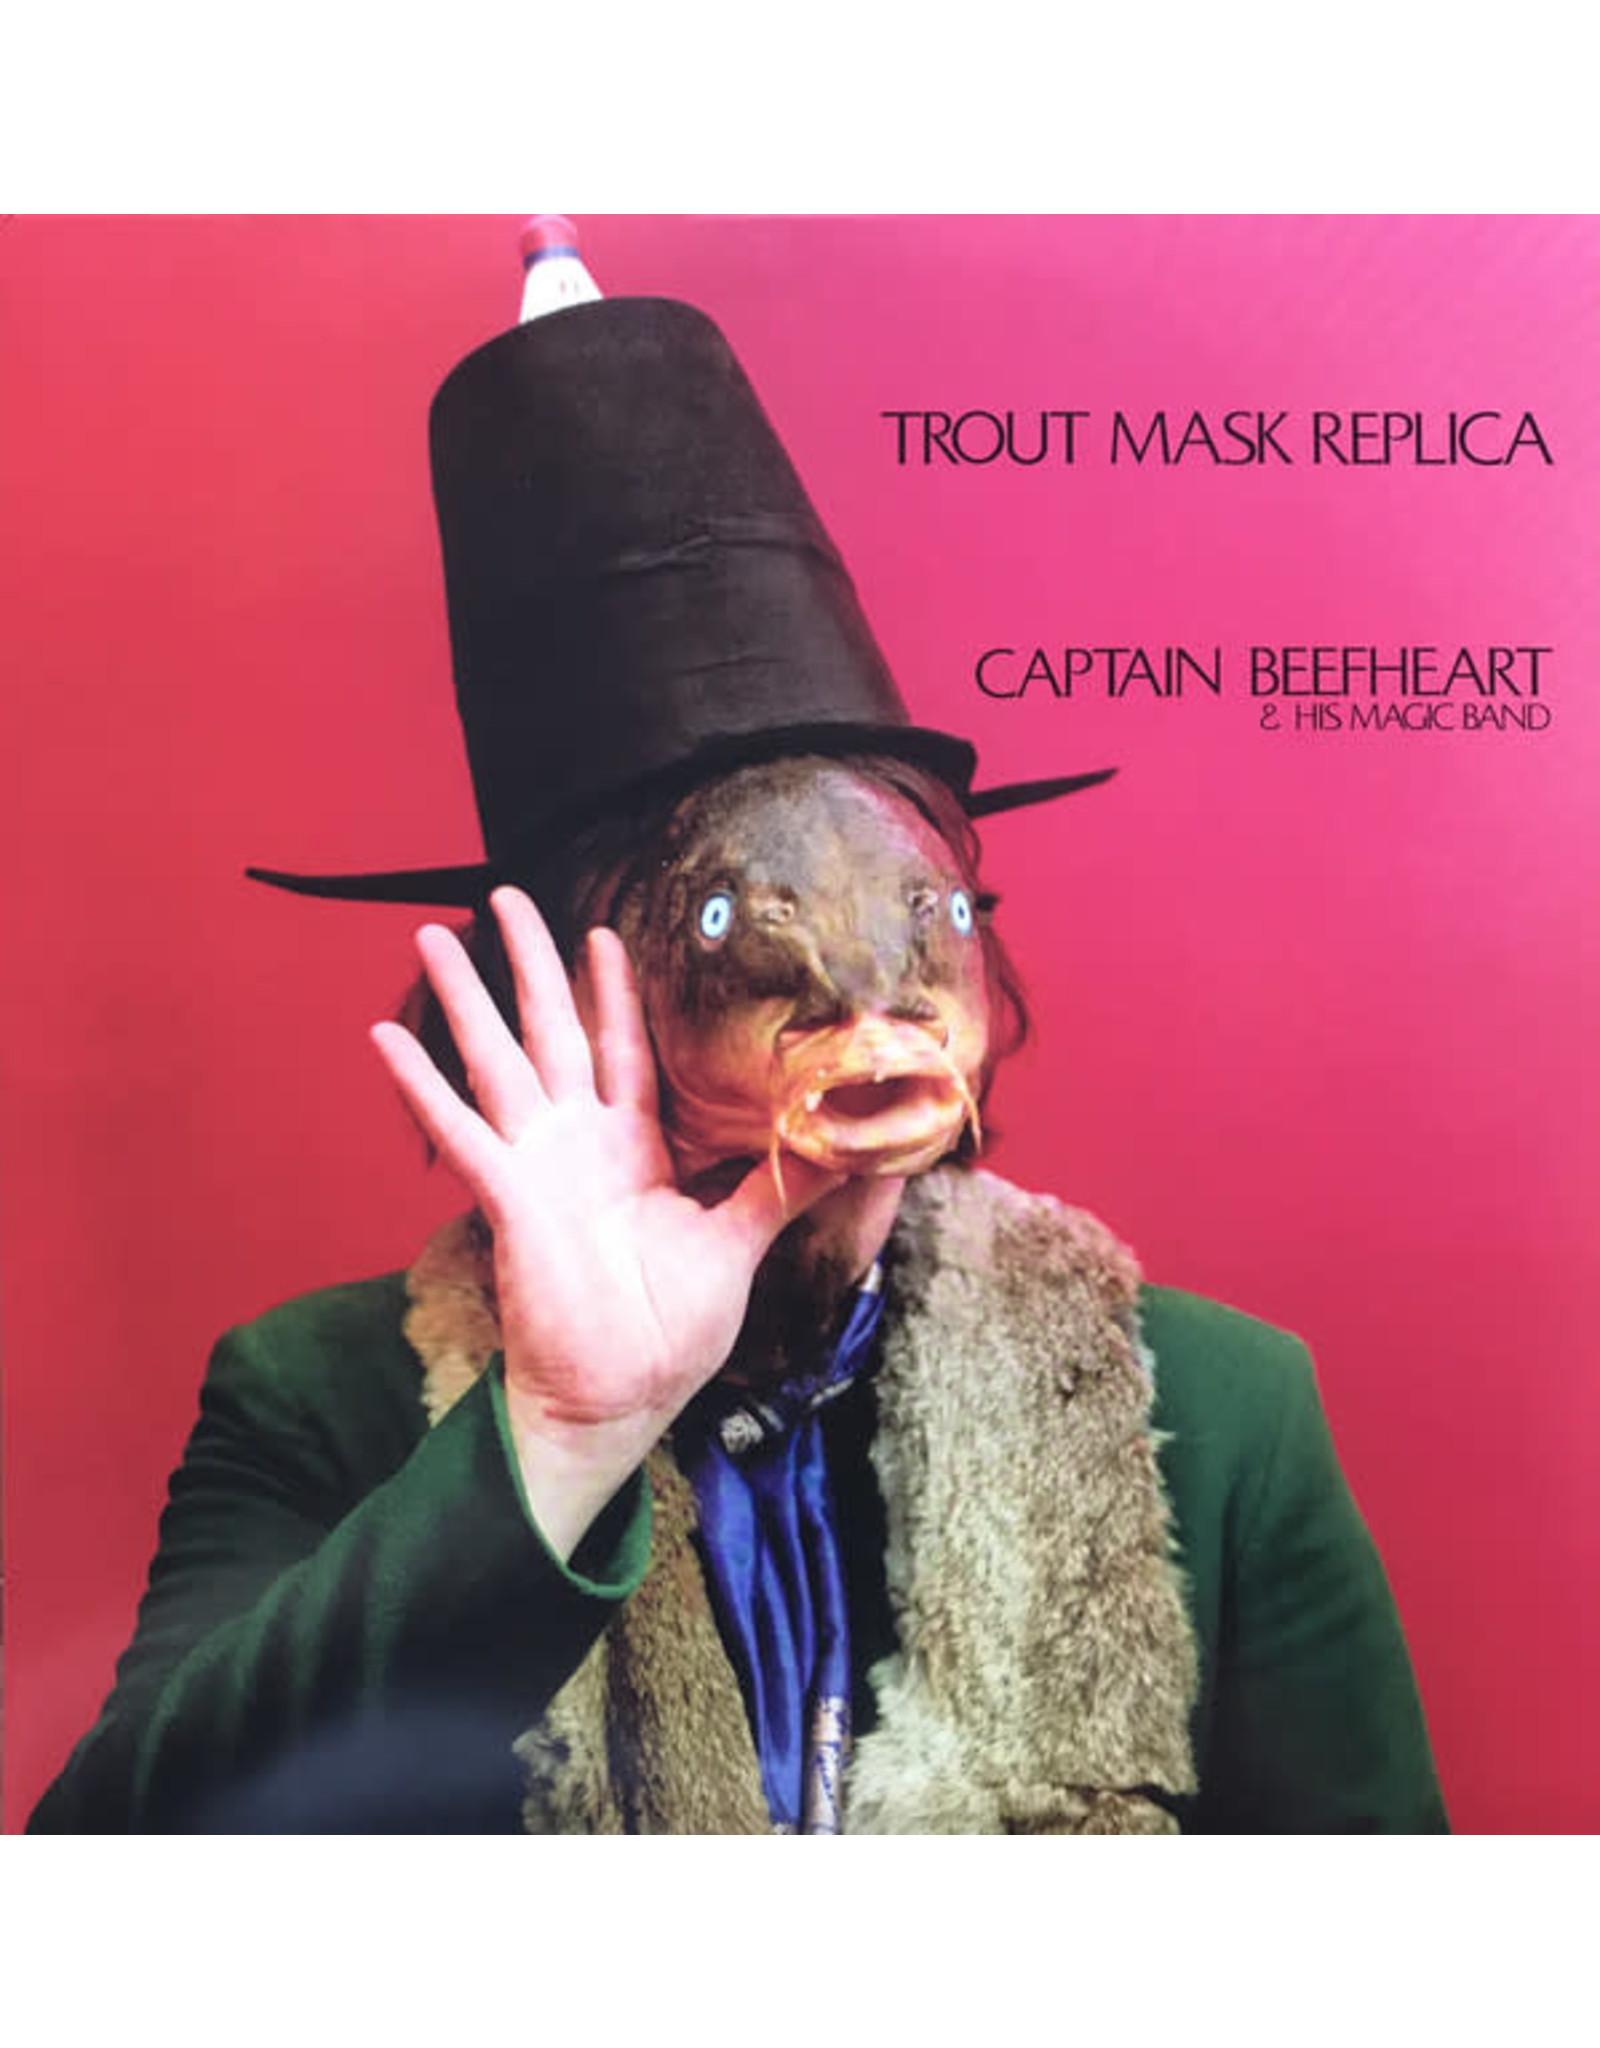 Third Man Captain Beefheart: 2019RSD - Trout Mask Replica (2LP/Stoughton jacket/booklet) LP